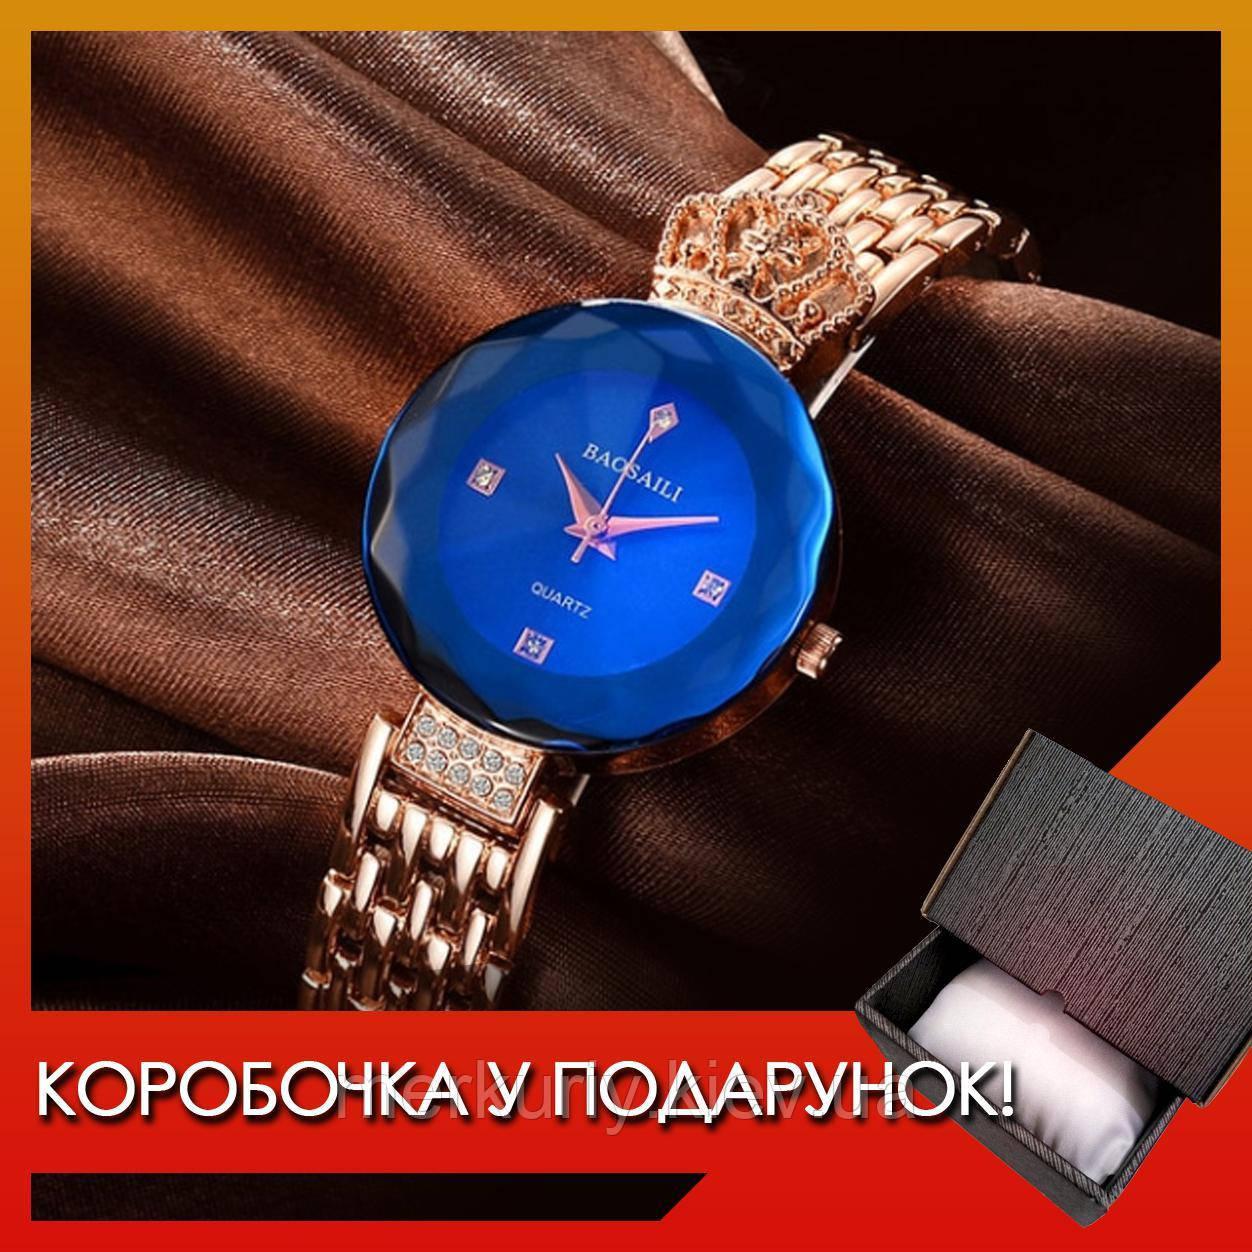 Стильные женские кварцевые часы Baosaili баосаили баосали